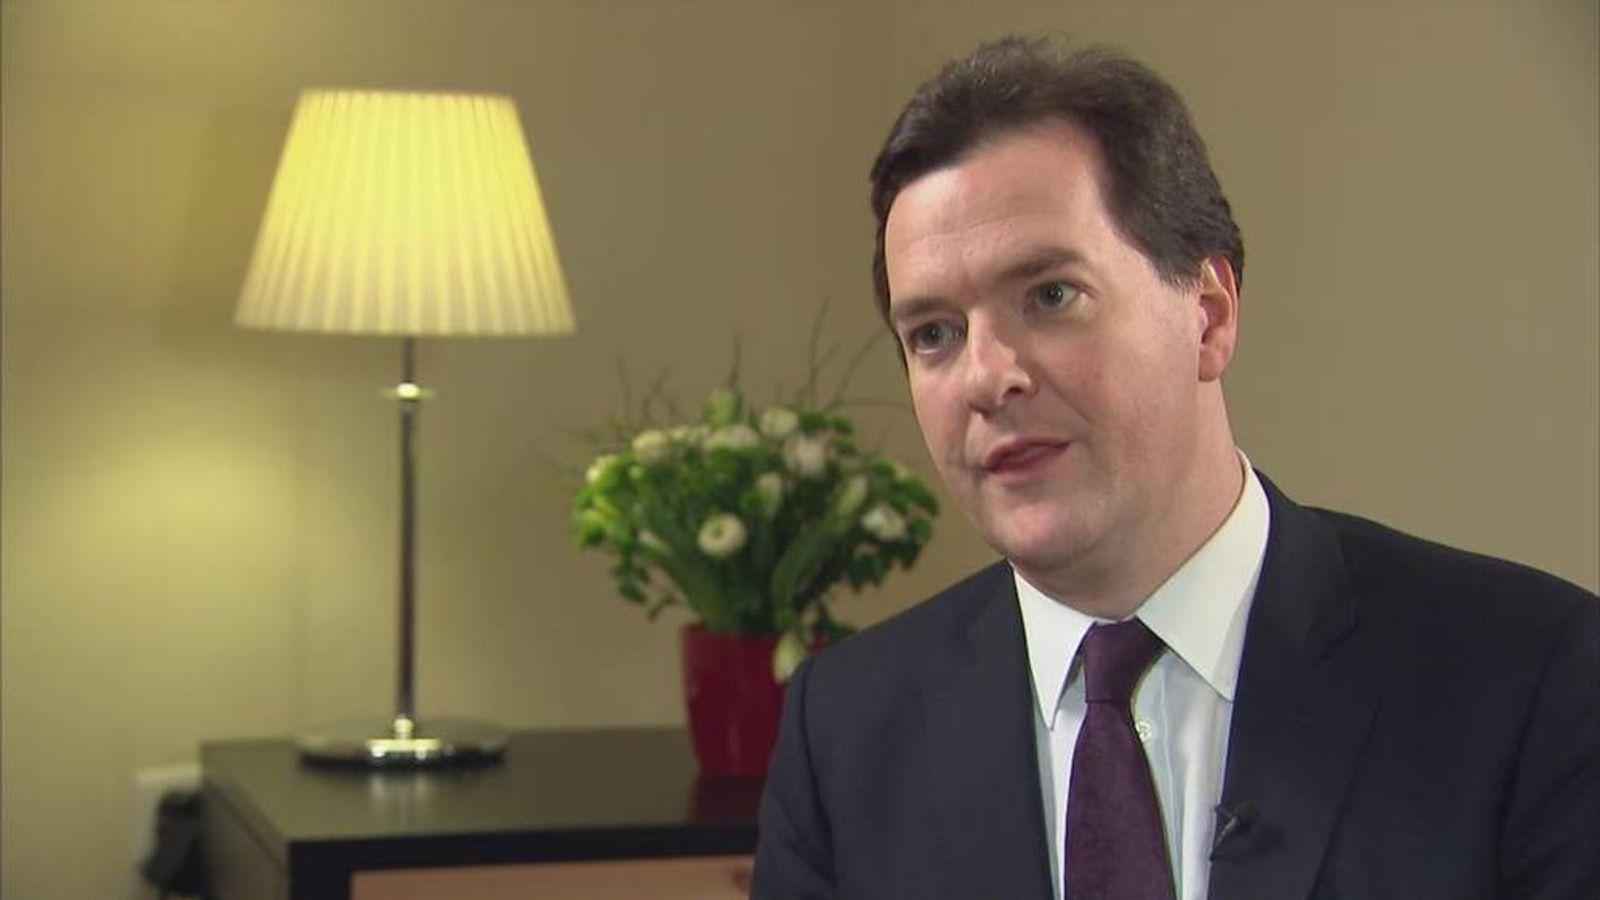 George Osborne in Davos